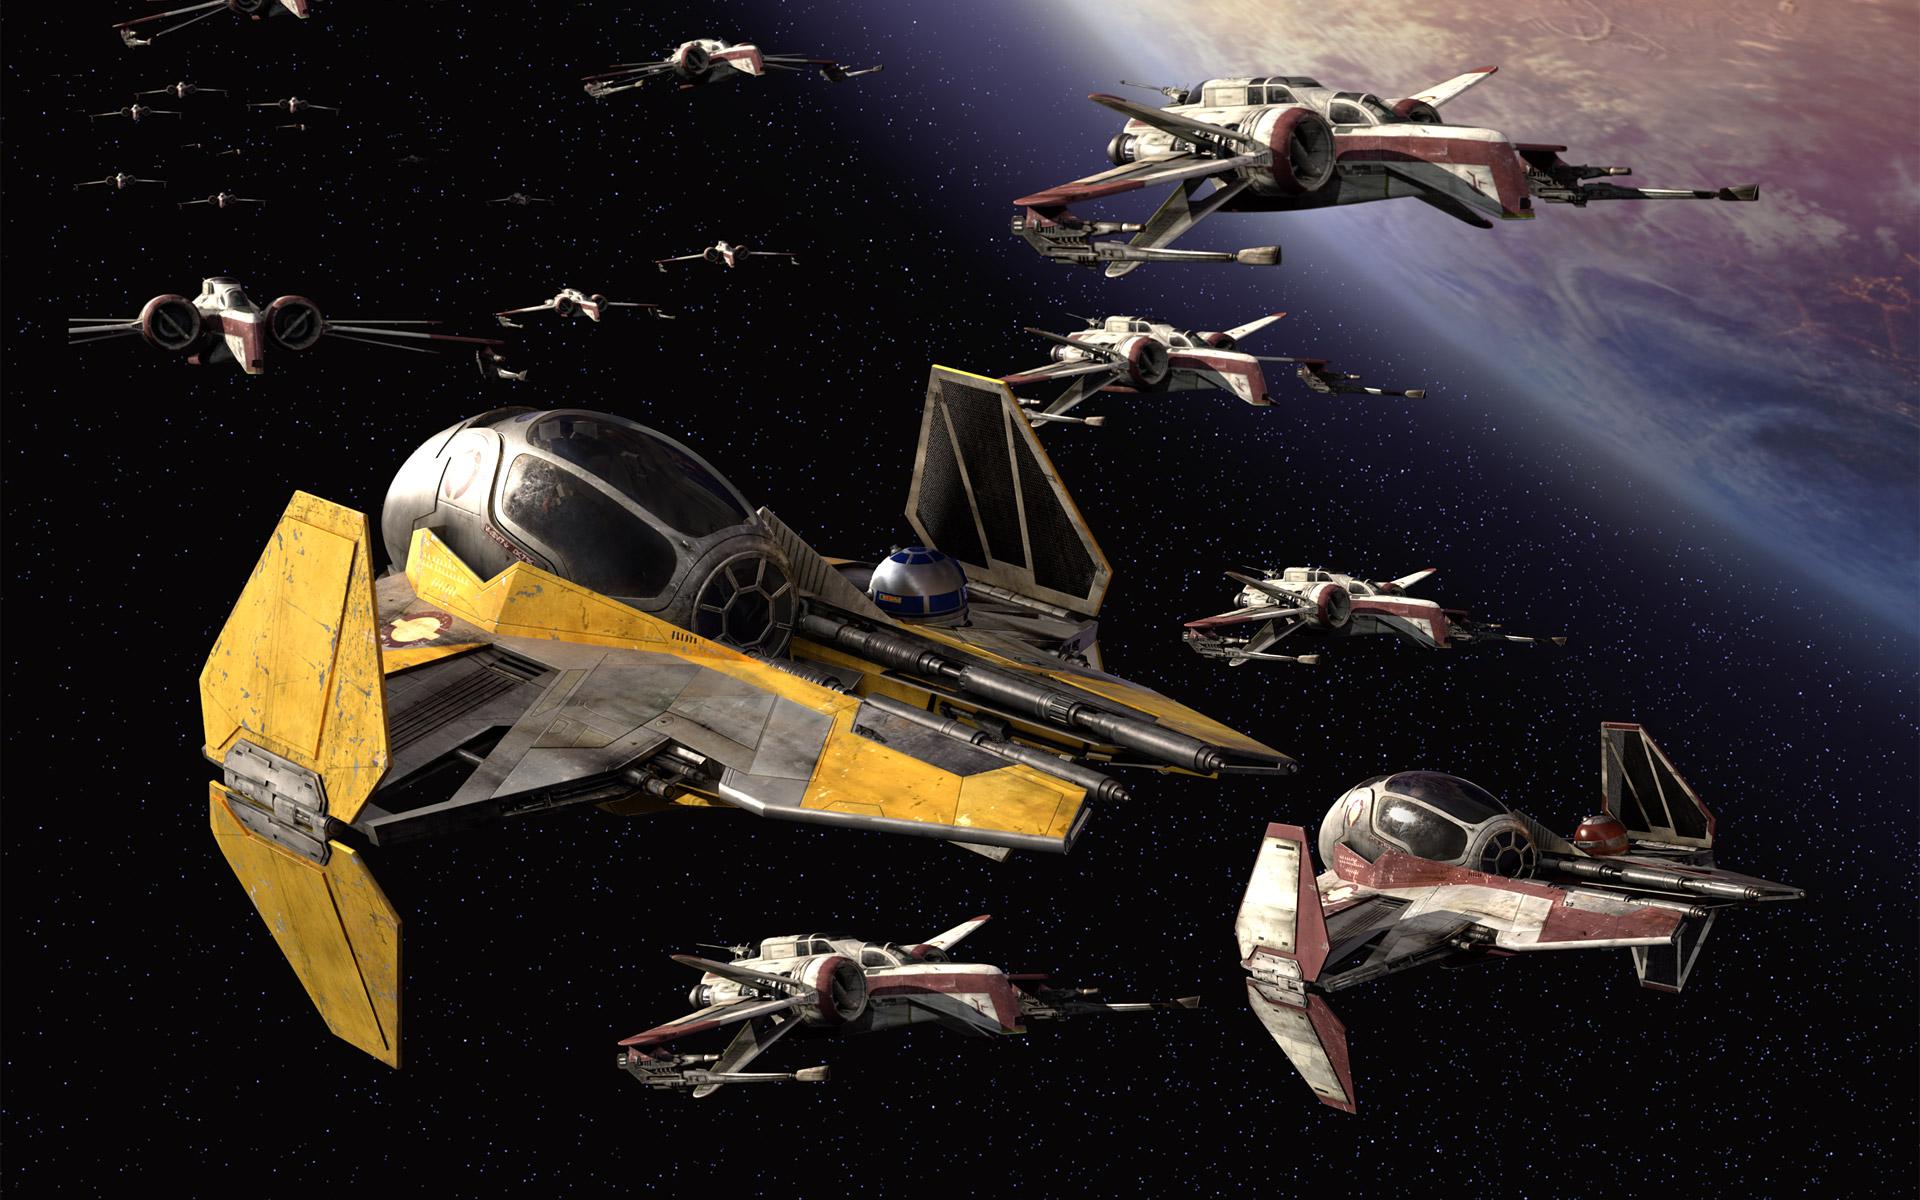 Star Wars star wars 24718031 1920 1200jpg 1920x1200